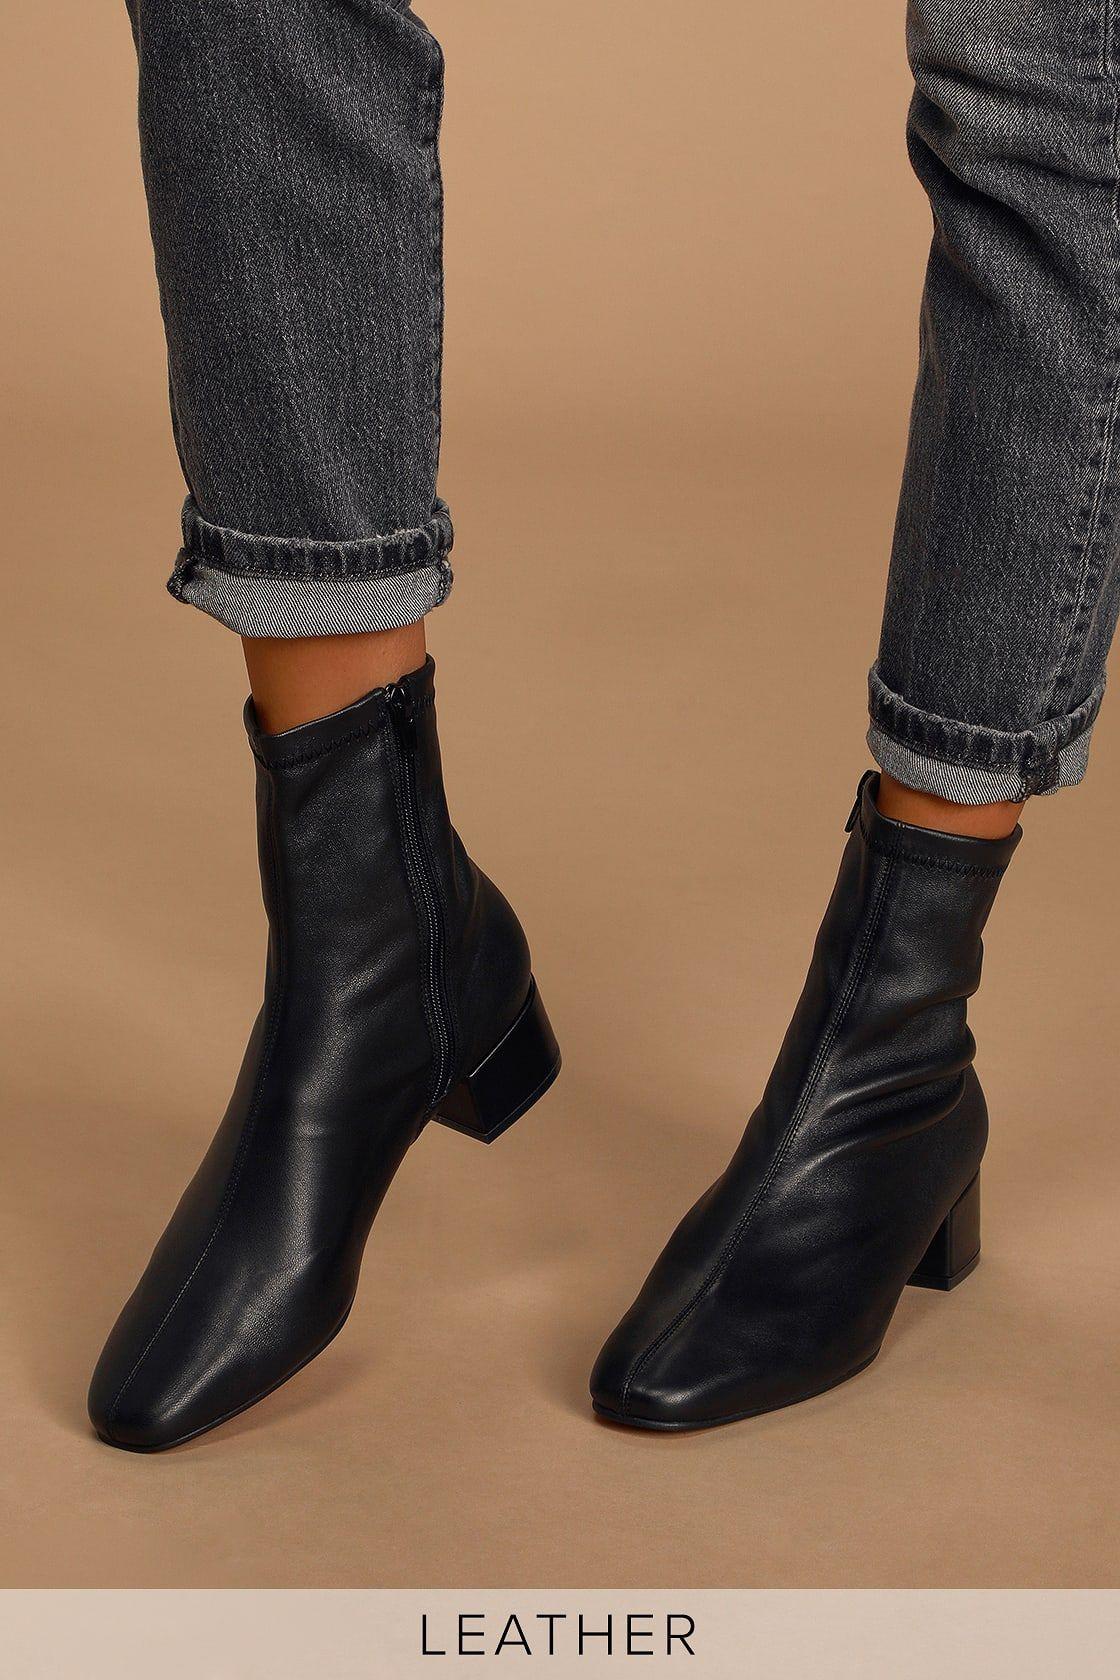 Celine Black Leather Mid-Calf Sock